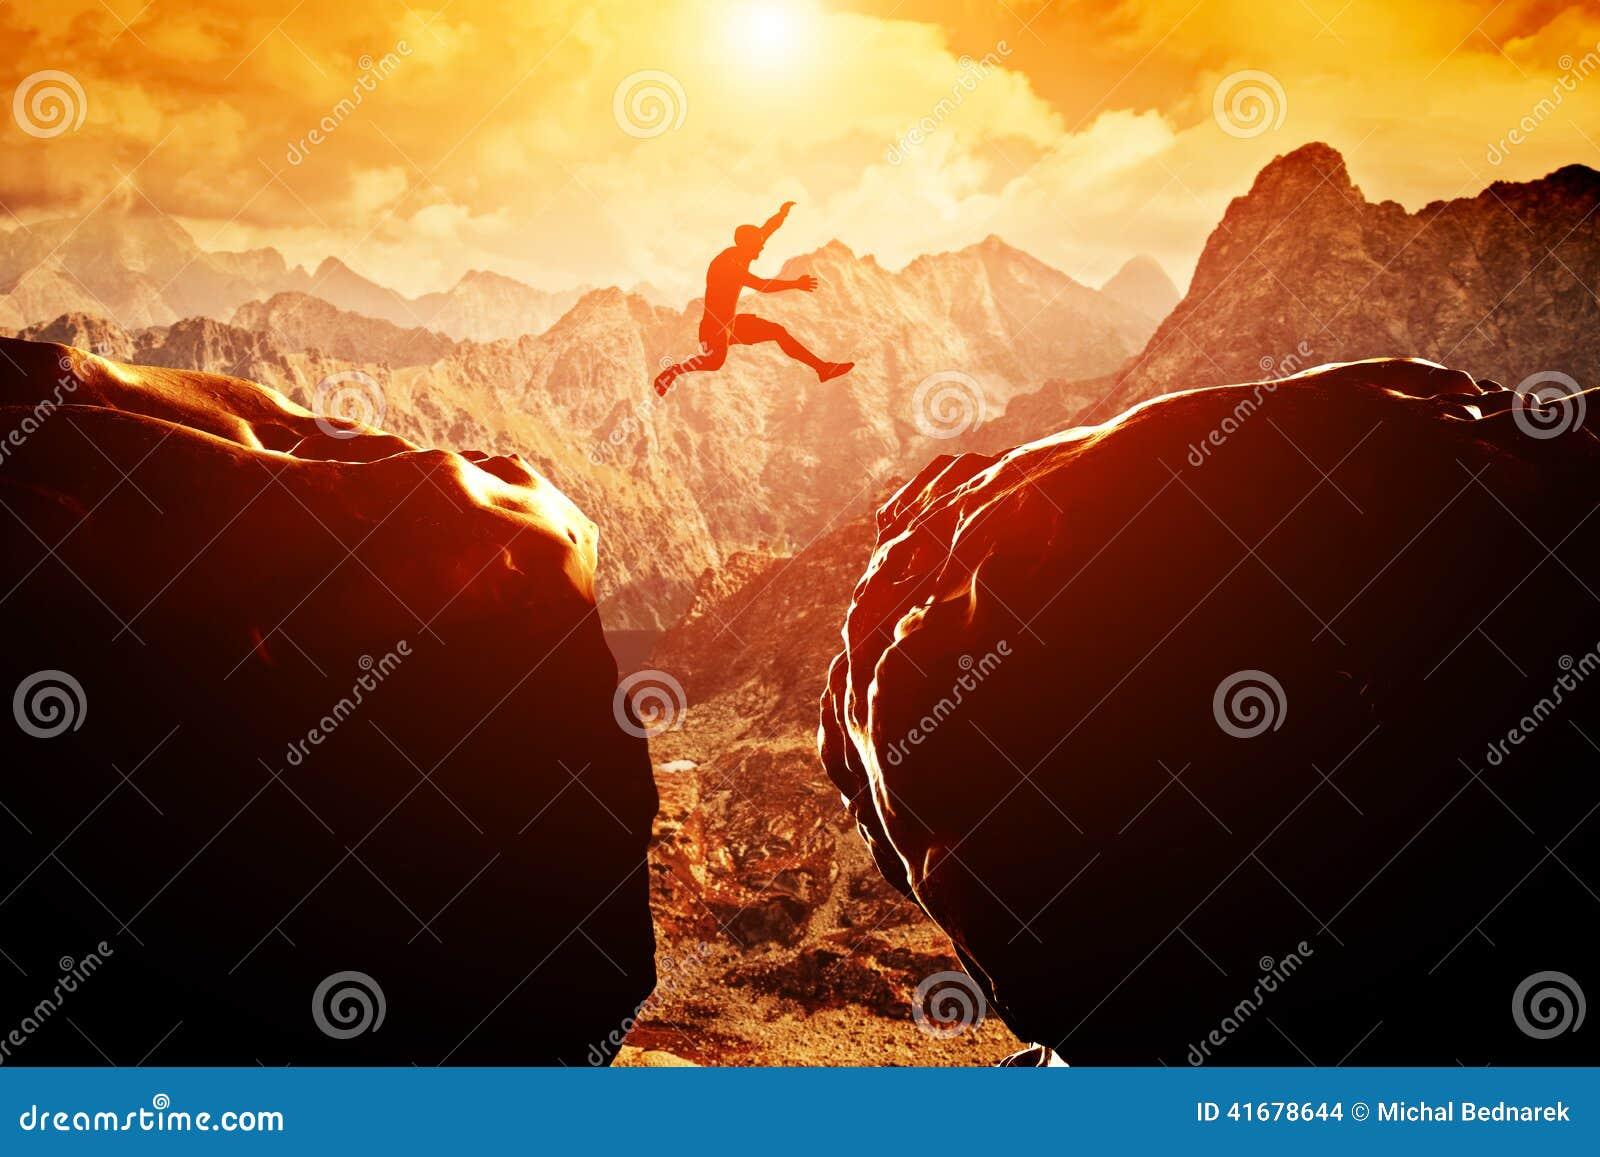 Человек скача над пропастью между 2 горами